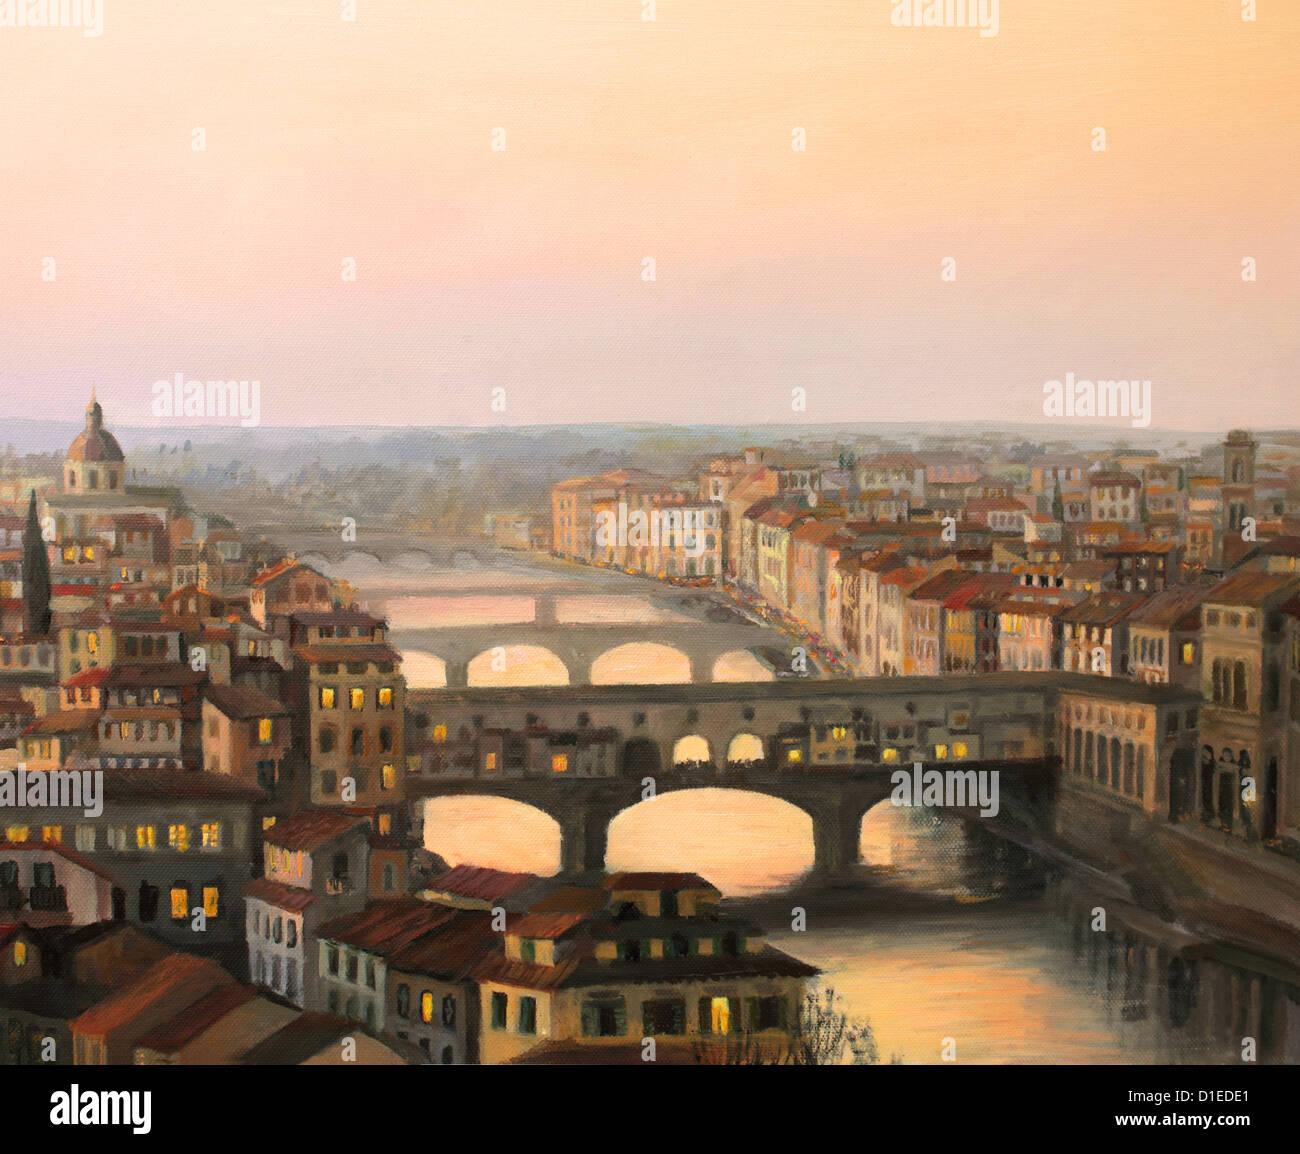 Tramonto su Firenze con il fiume e il ponte vecchio in una luce calda. Immagini Stock